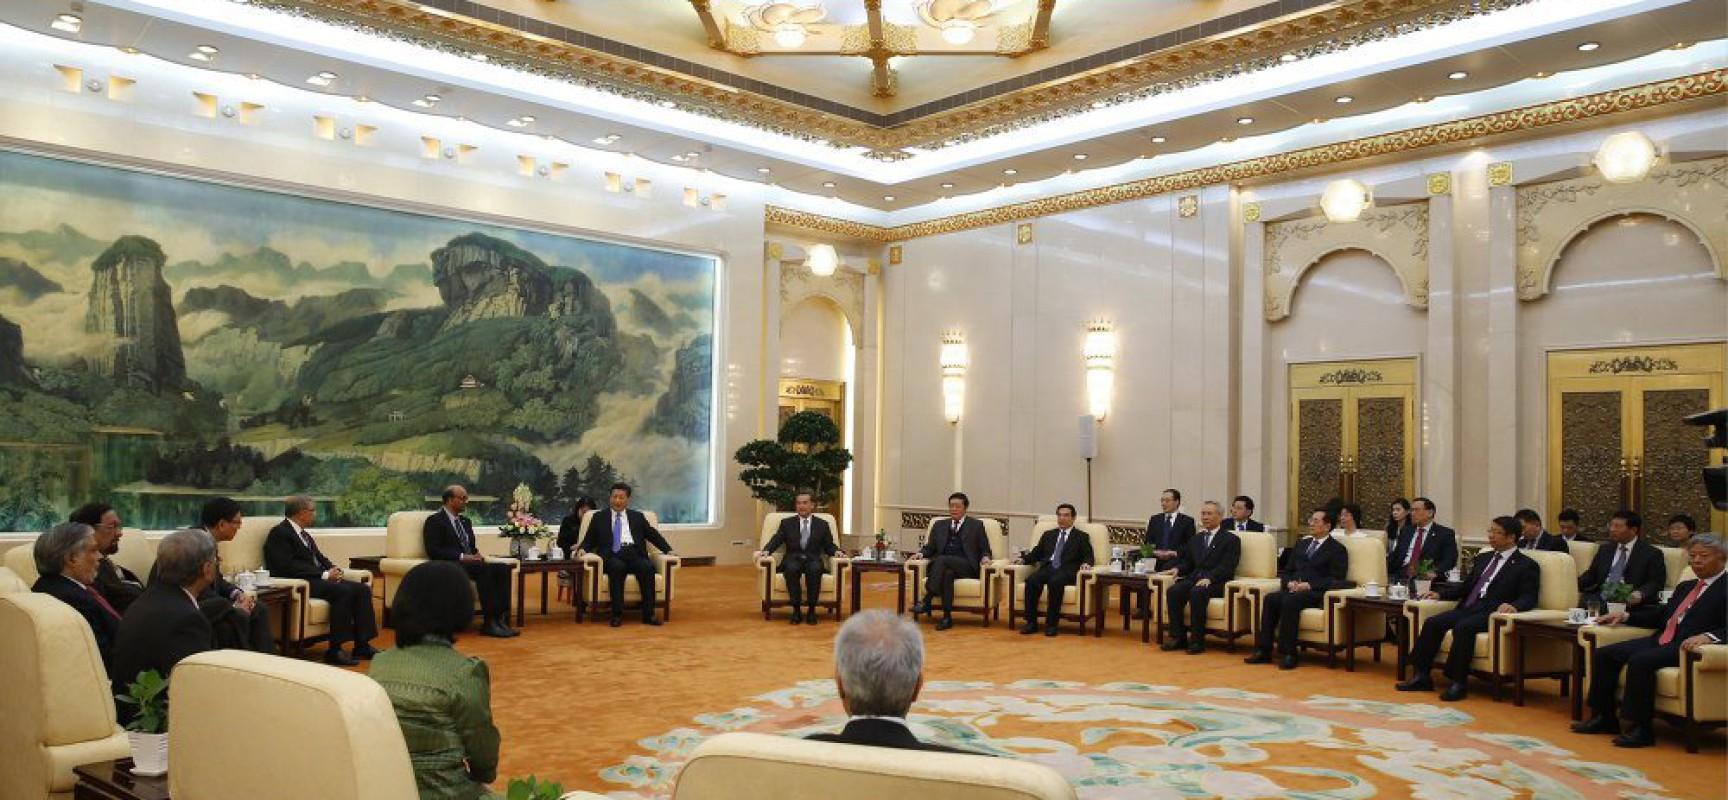 Les rats quittent le navire ! Après Londres, Paris, Berlin et Rome souhaitent rejoindre la banque asiatique AIIB